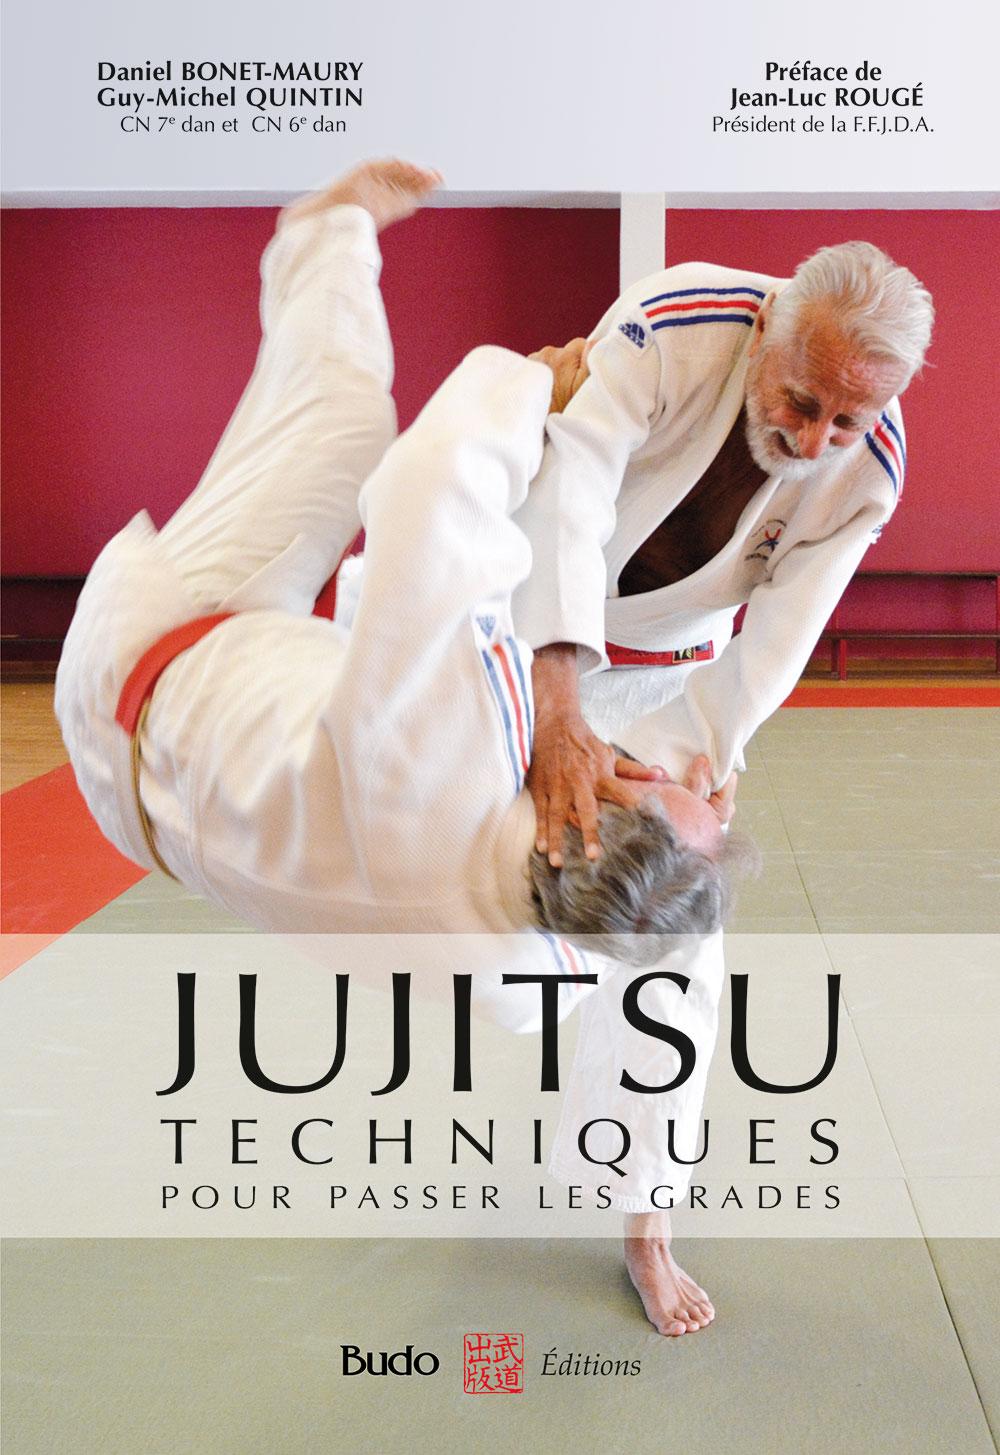 JUJITSU Techniques pour passer les grades